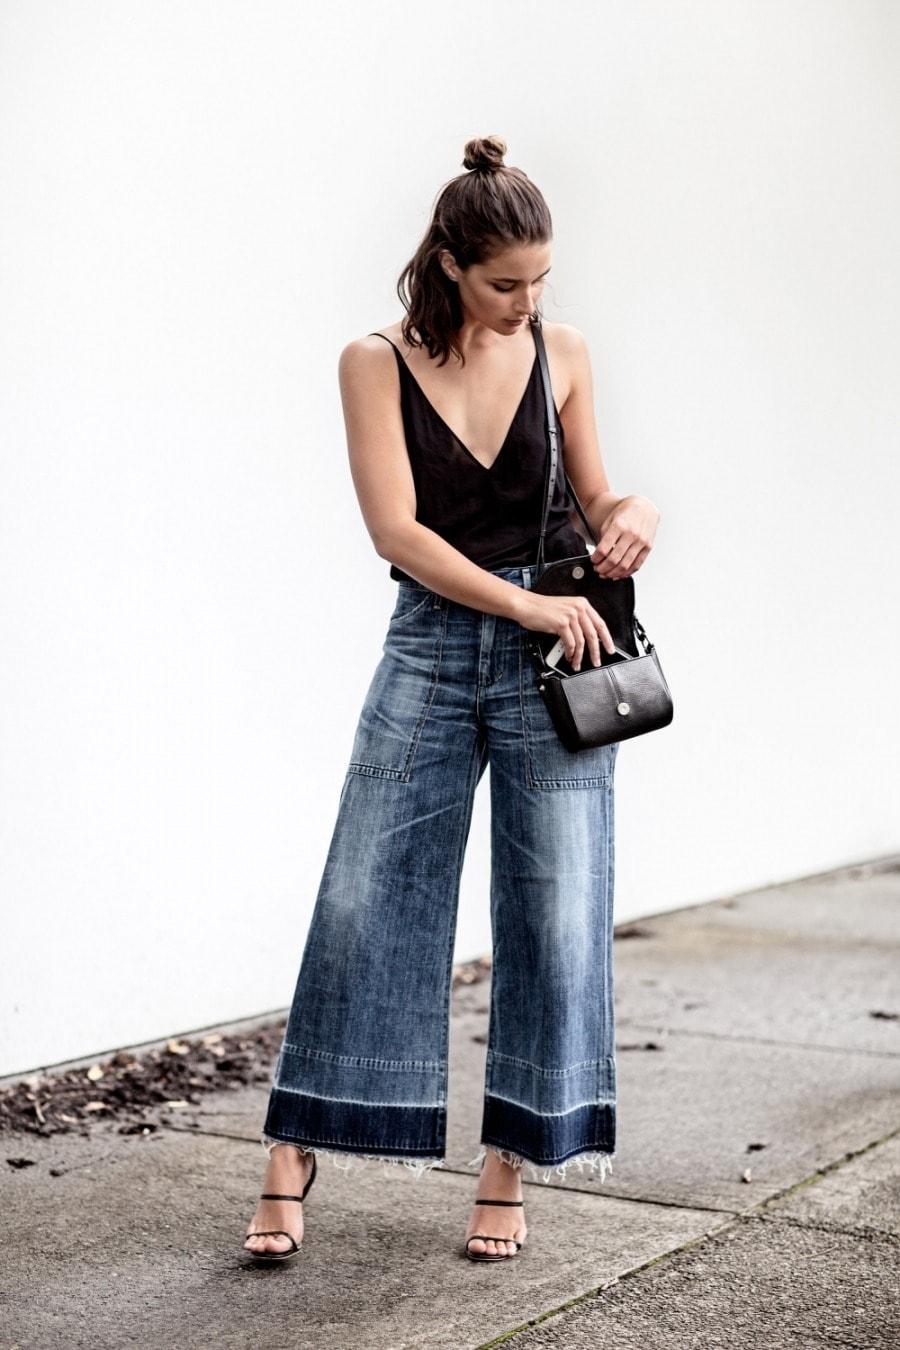 Pantaloni gamba larga: 6 abbinamenti da non perdere